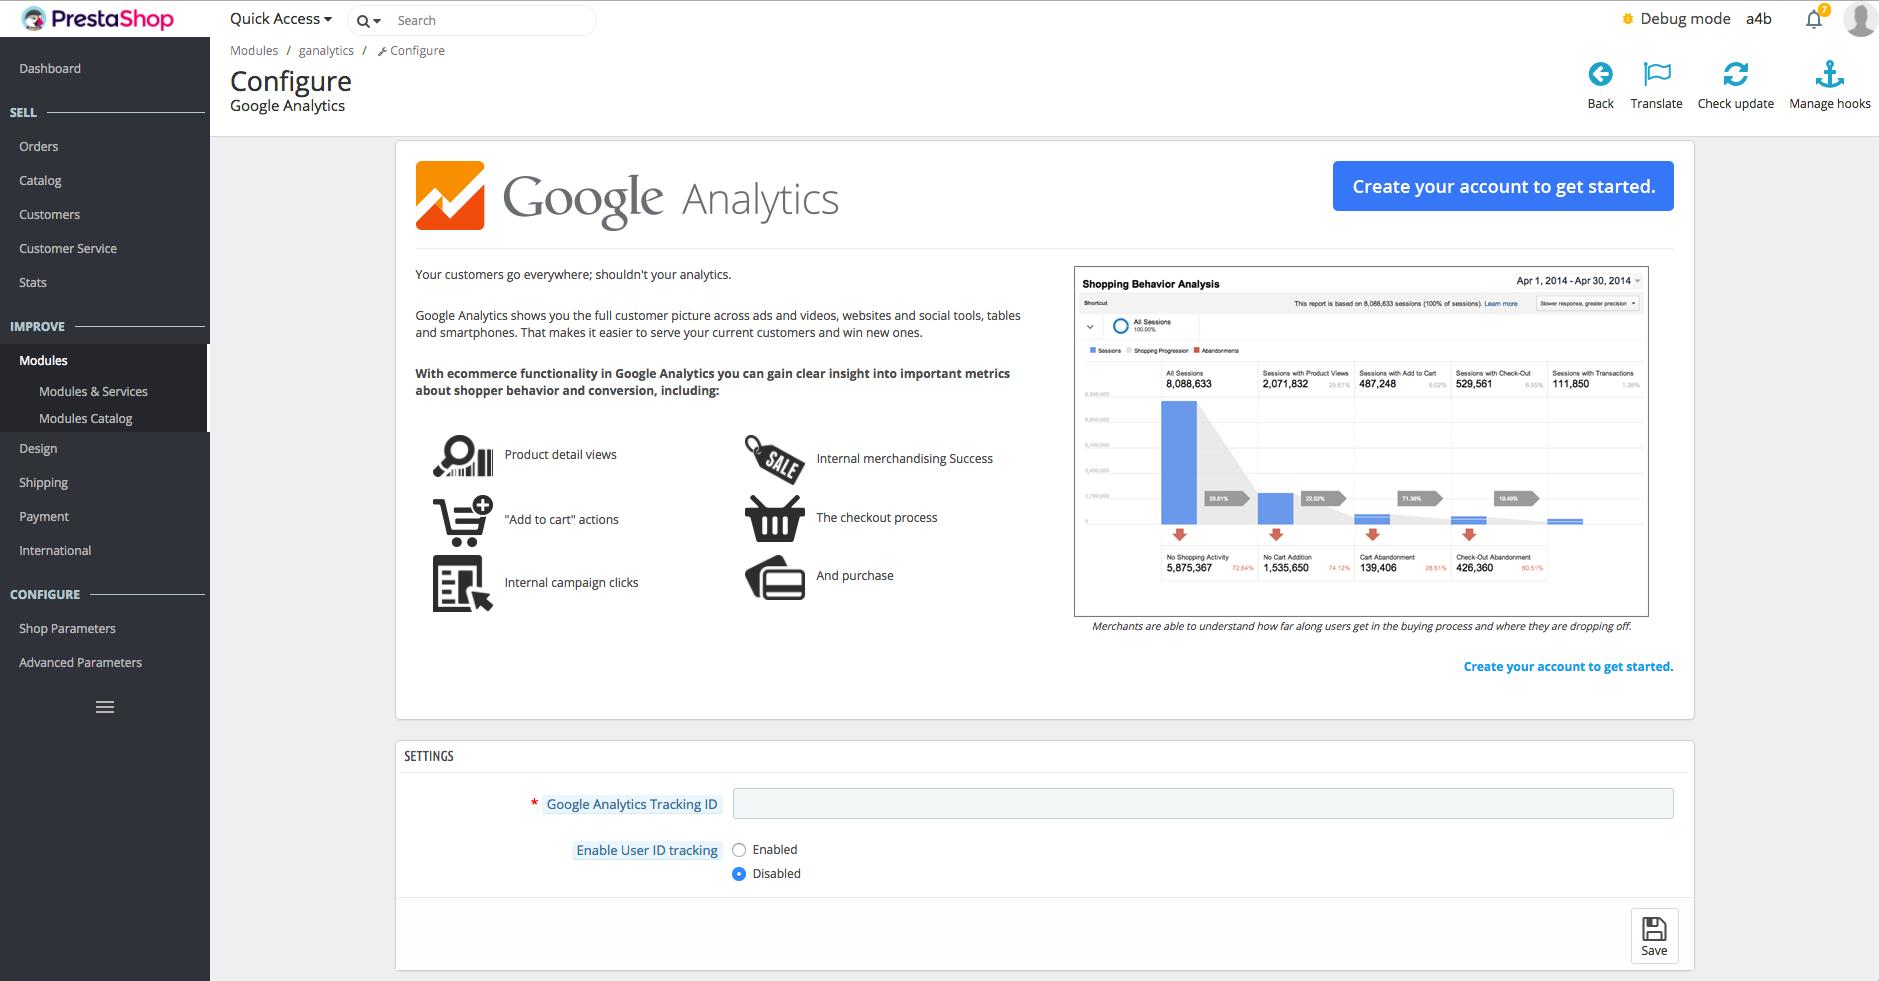 analytics-prestashop-2